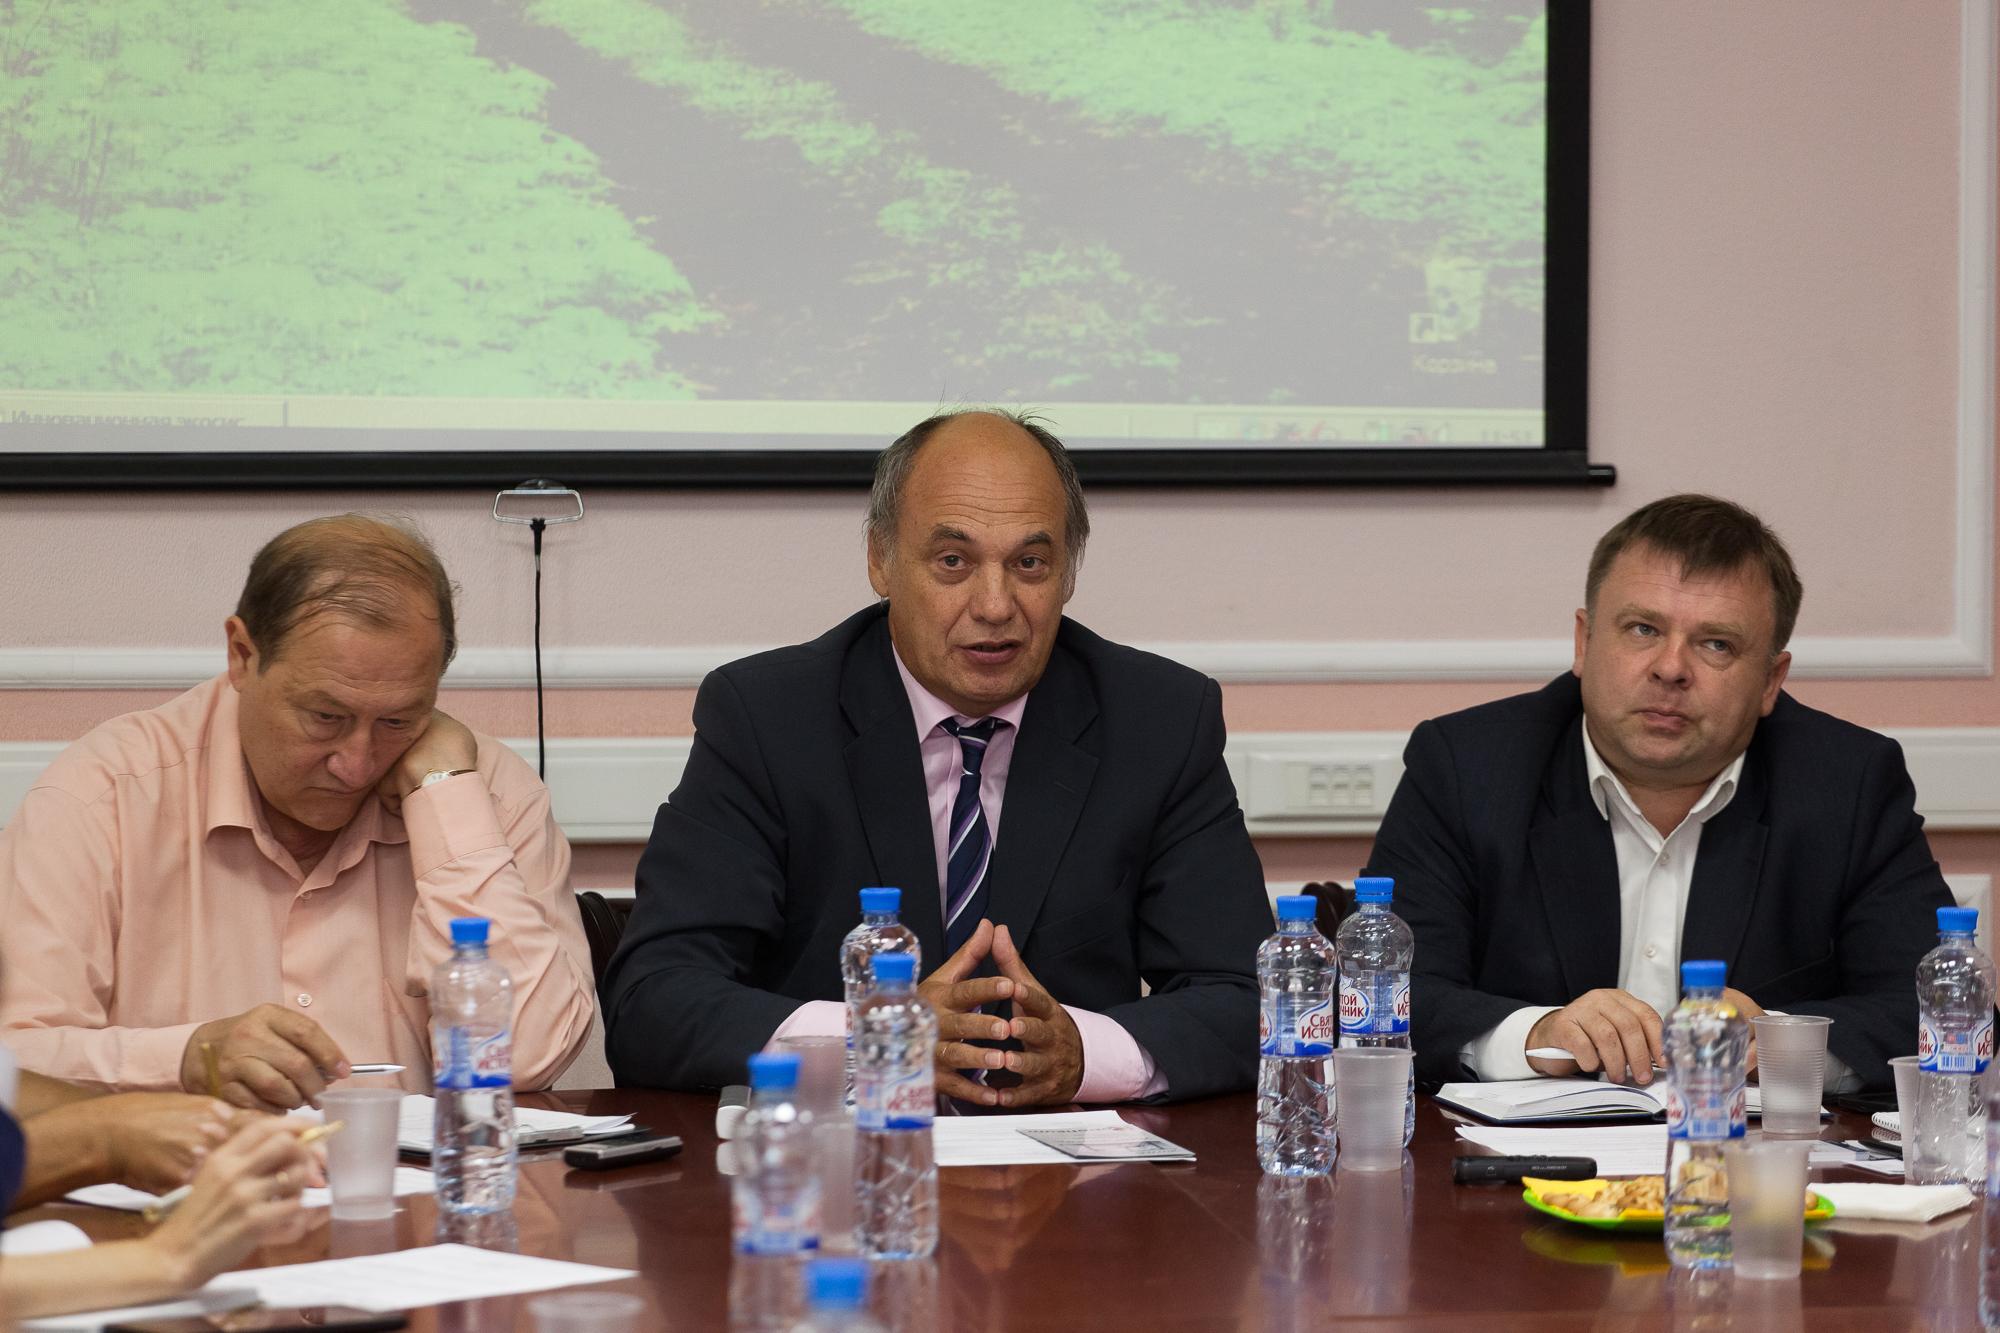 По заявлению областной прокуратуры с бывшего руководителя регионального венчурного фонда взыскано более 13 миллионов рублей